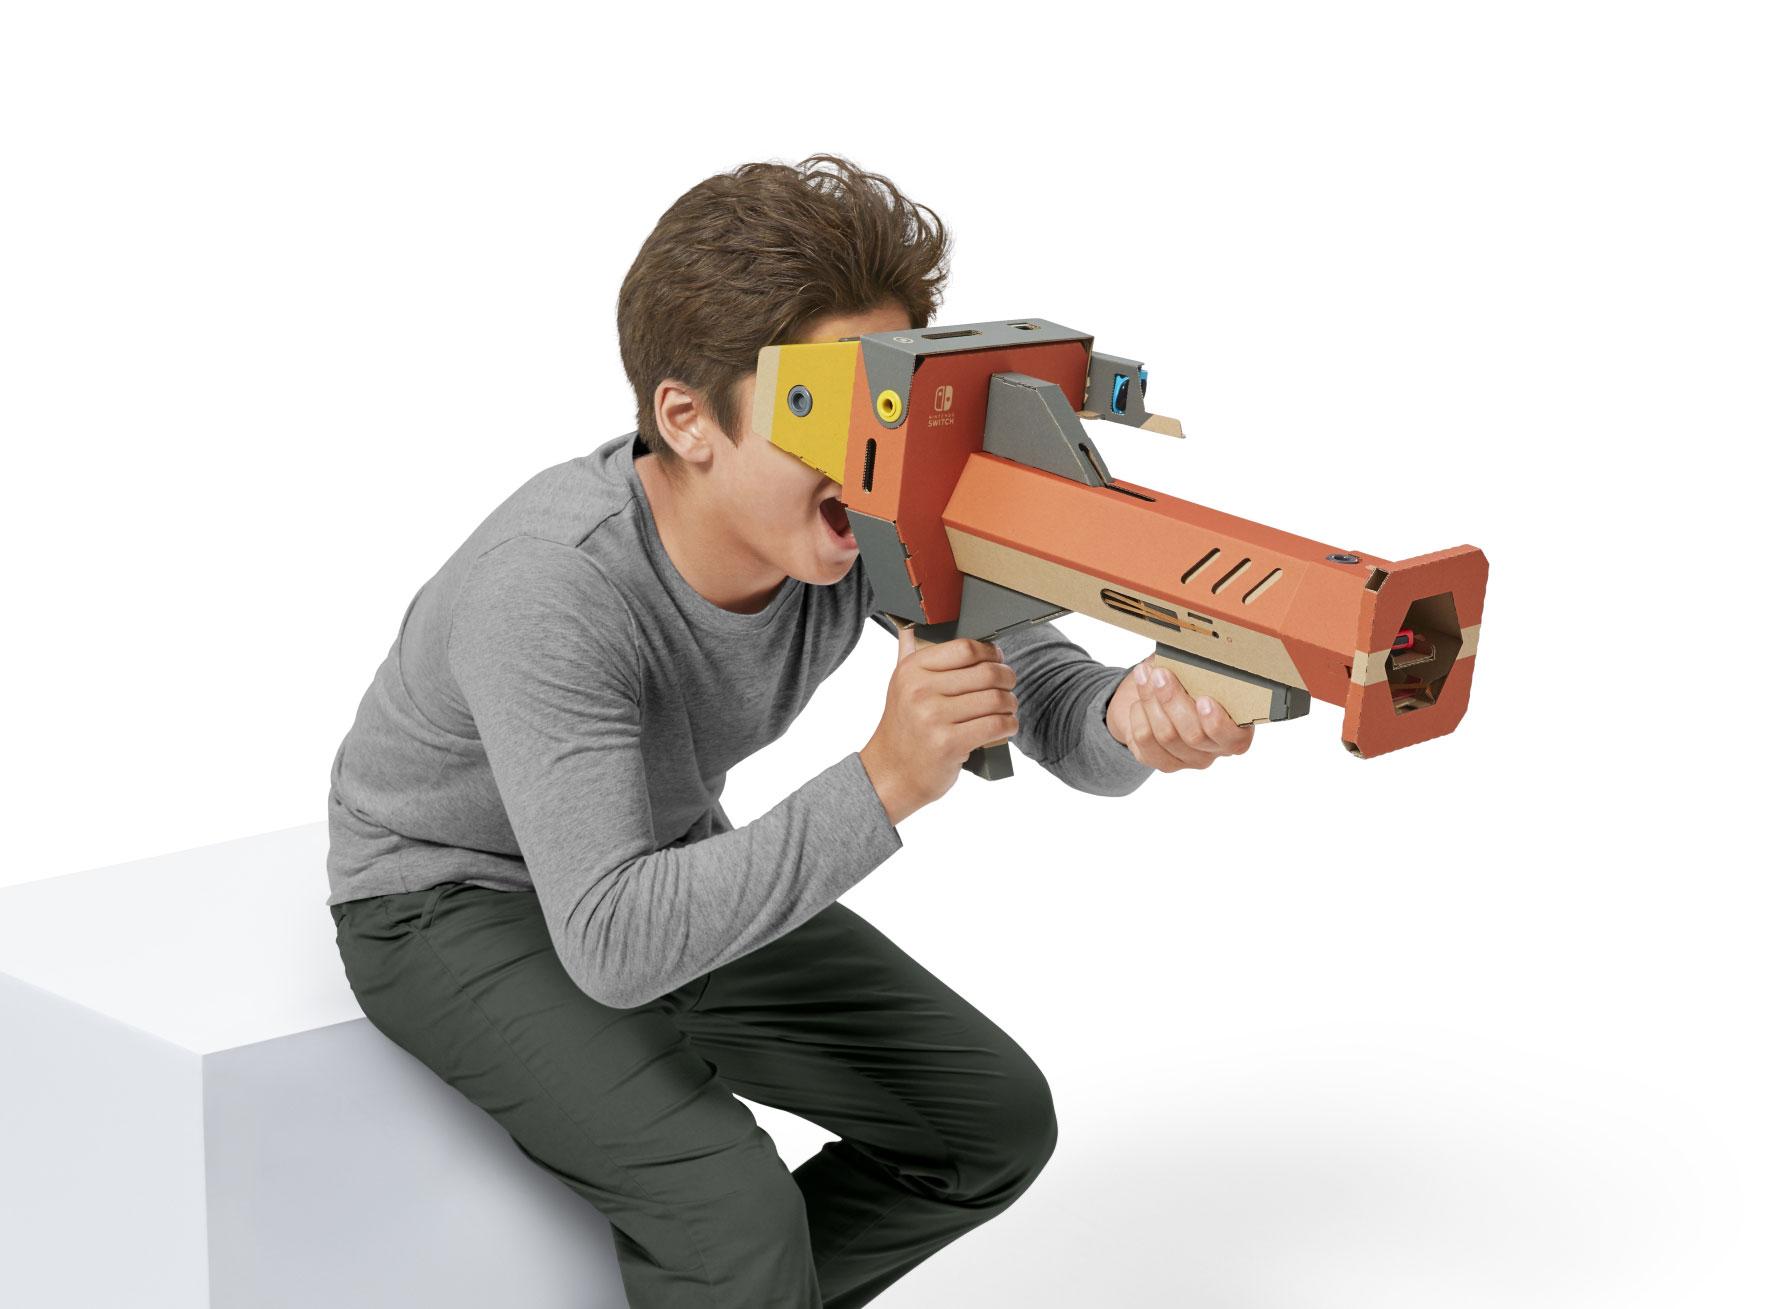 Die Königsklasse von Nintendos virtueller Papp-Realität und das größte Modelle aus dem Set ist der Blaster.